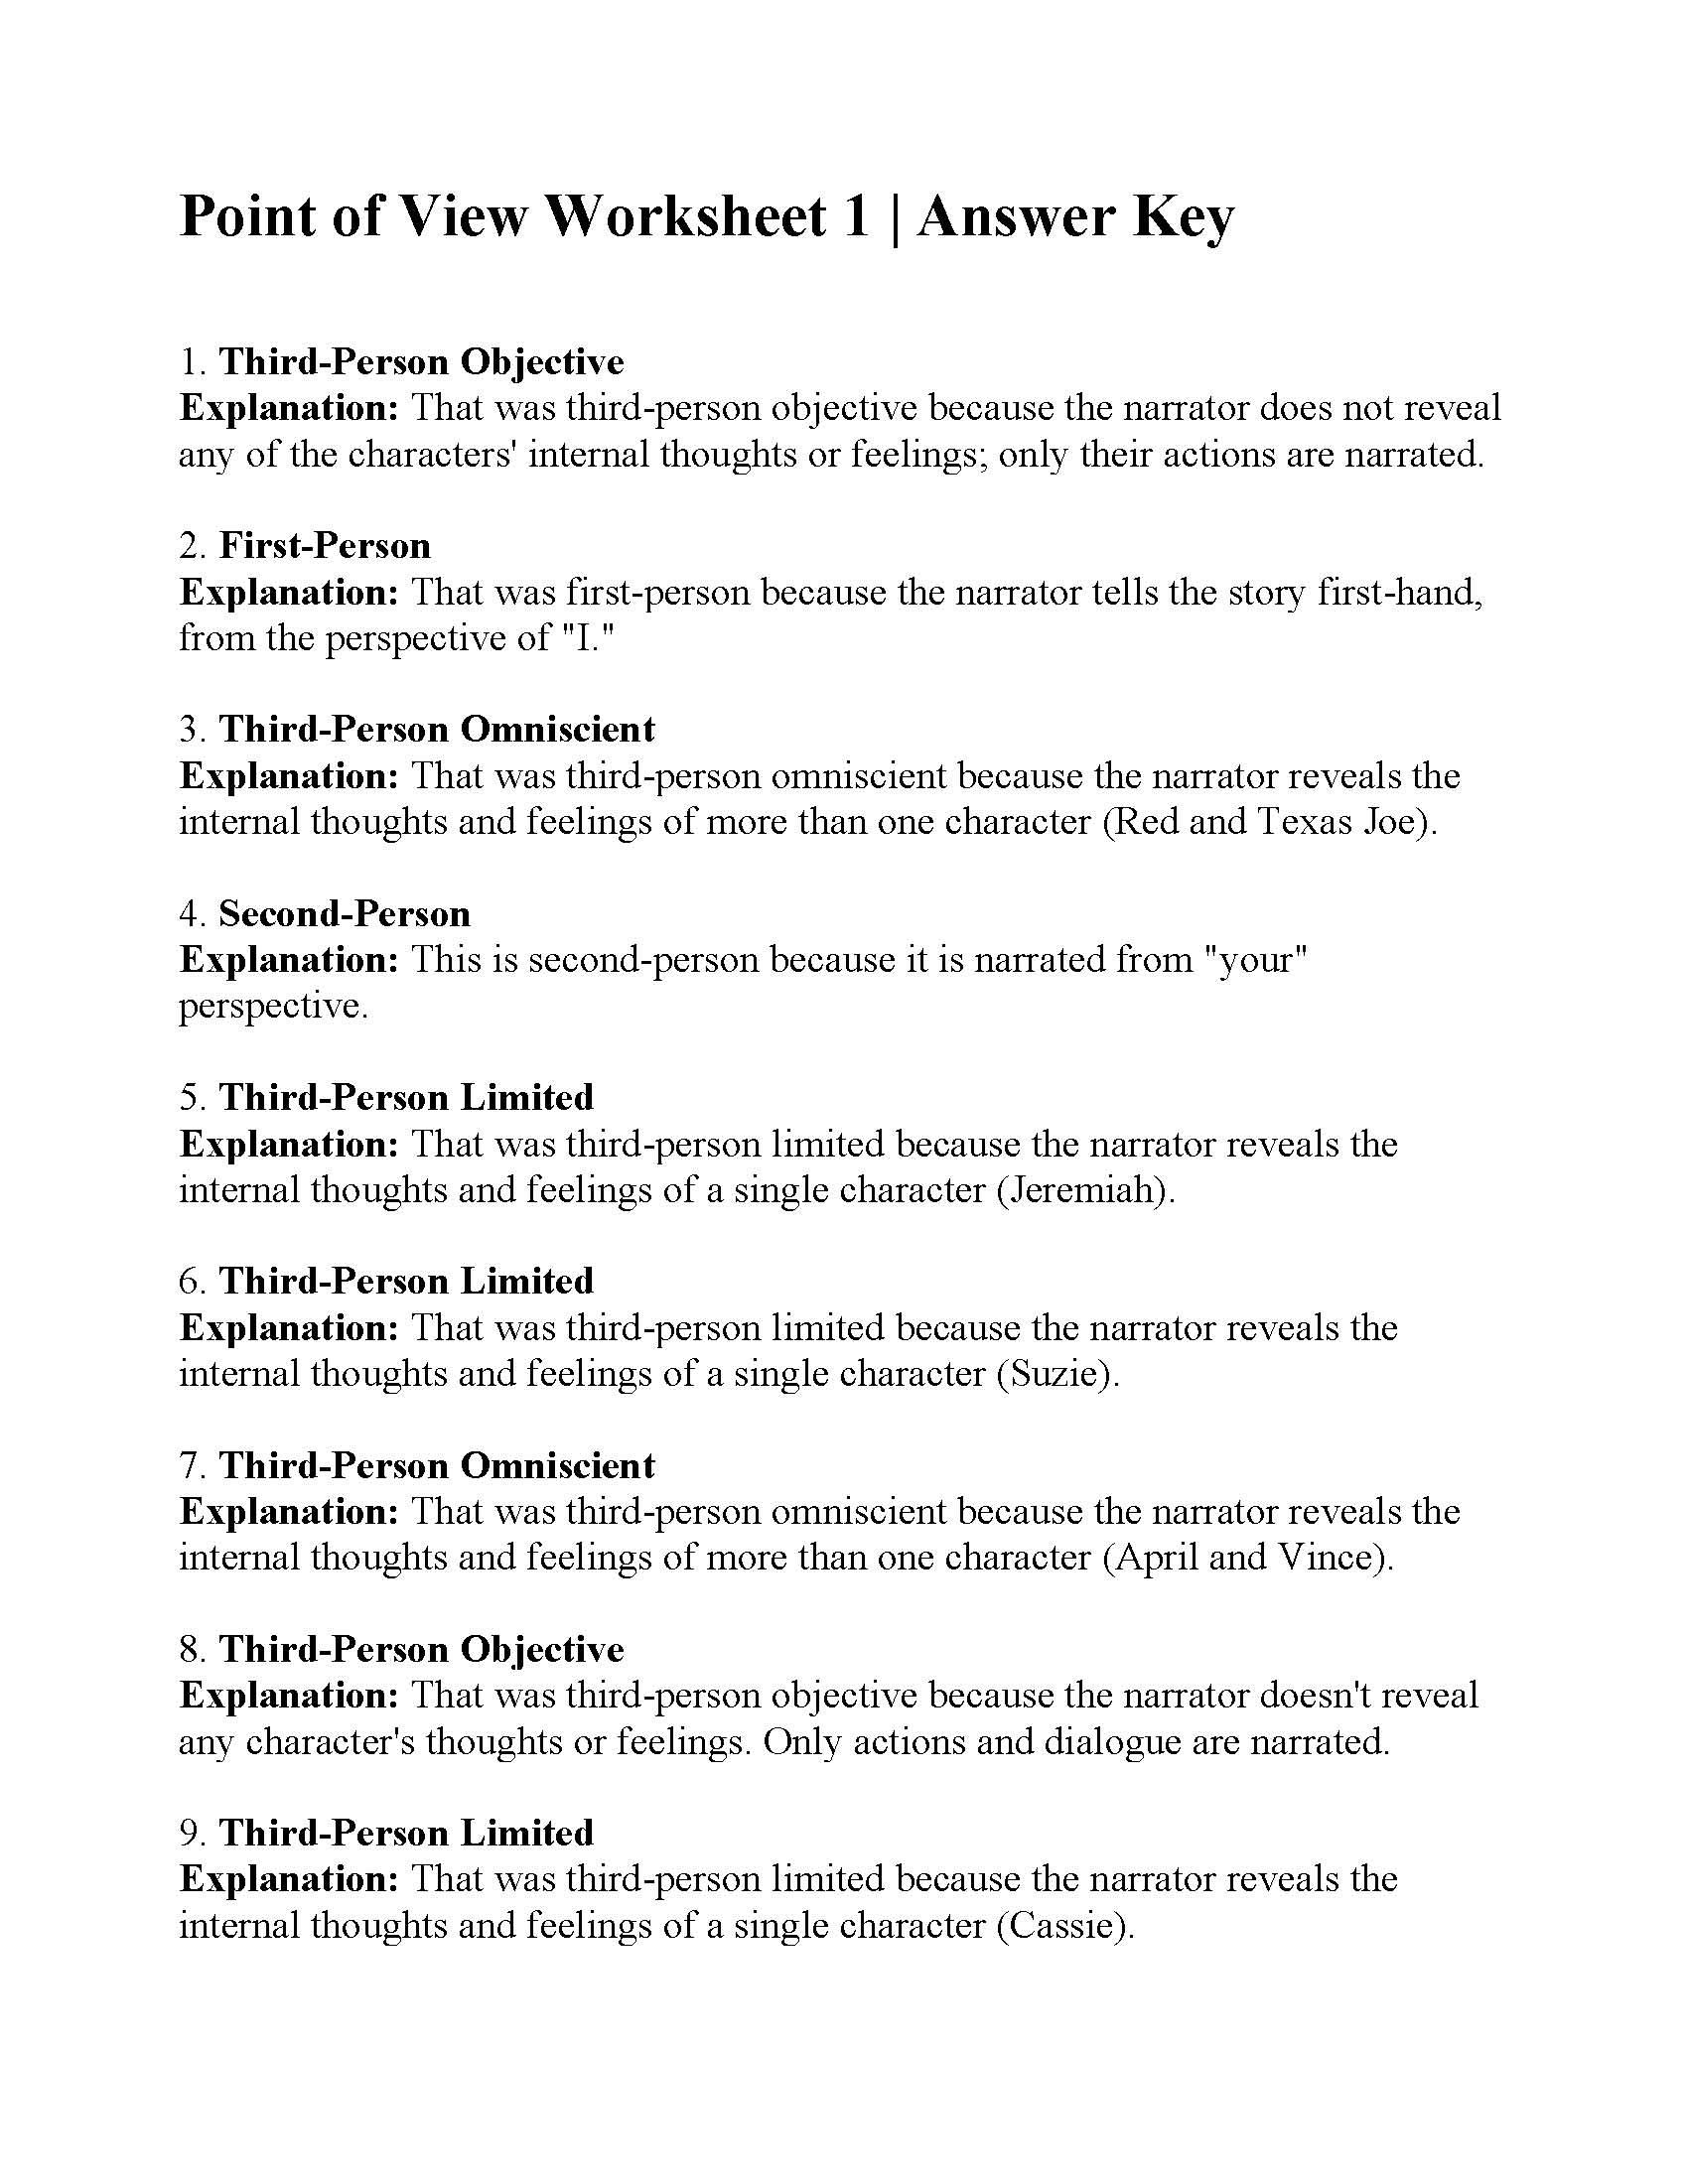 Point Of View Worksheet 1 : point, worksheet, Point, Worksheet, Answers